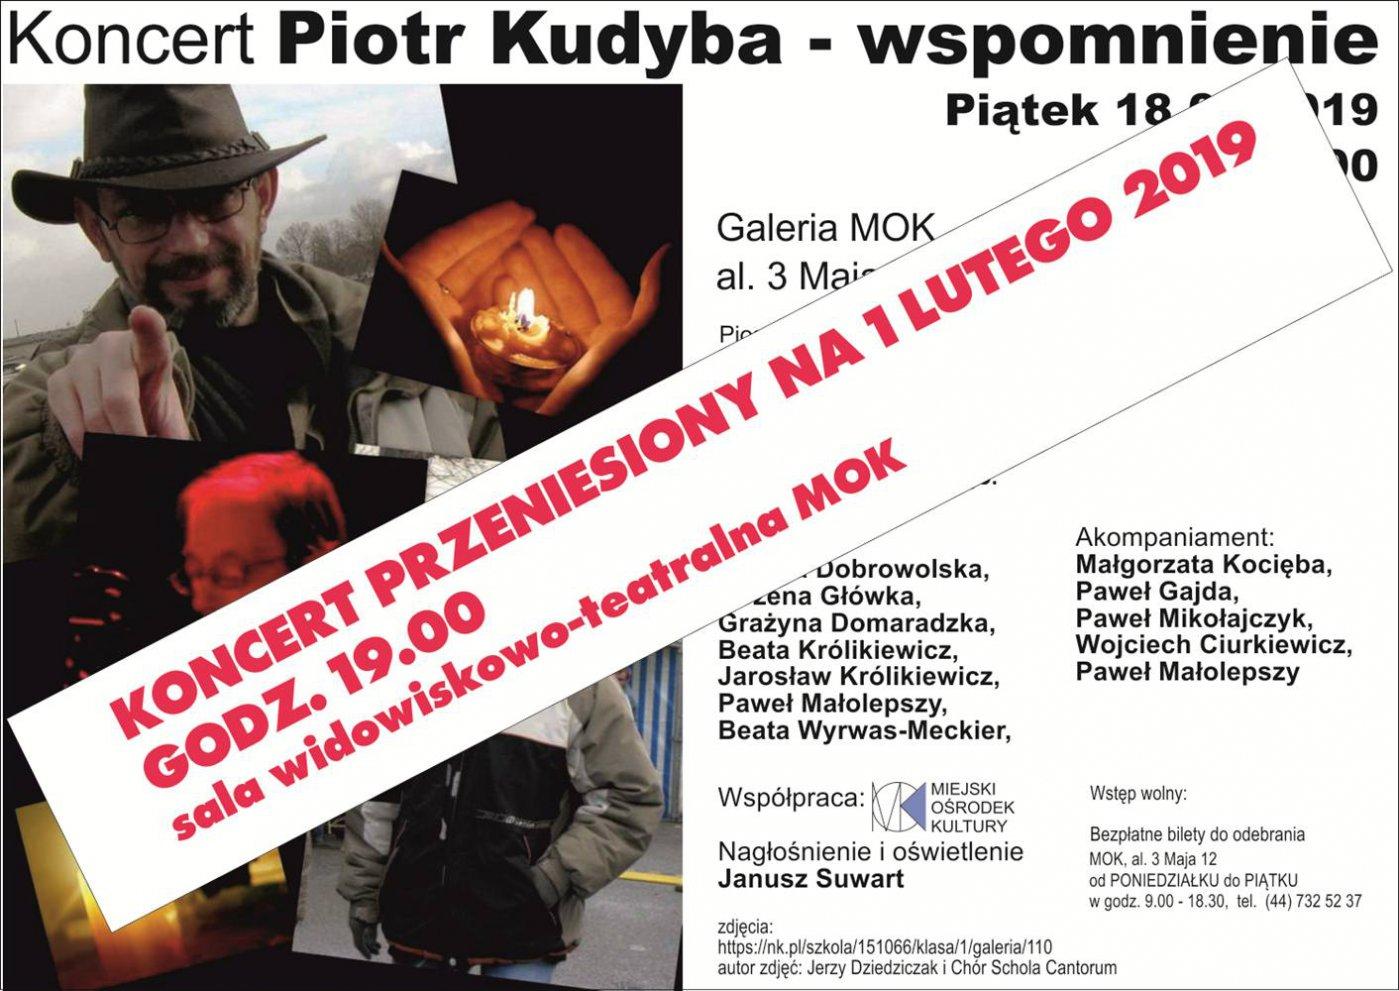 Koncert poświęcony pamięci Piotra Kudyby